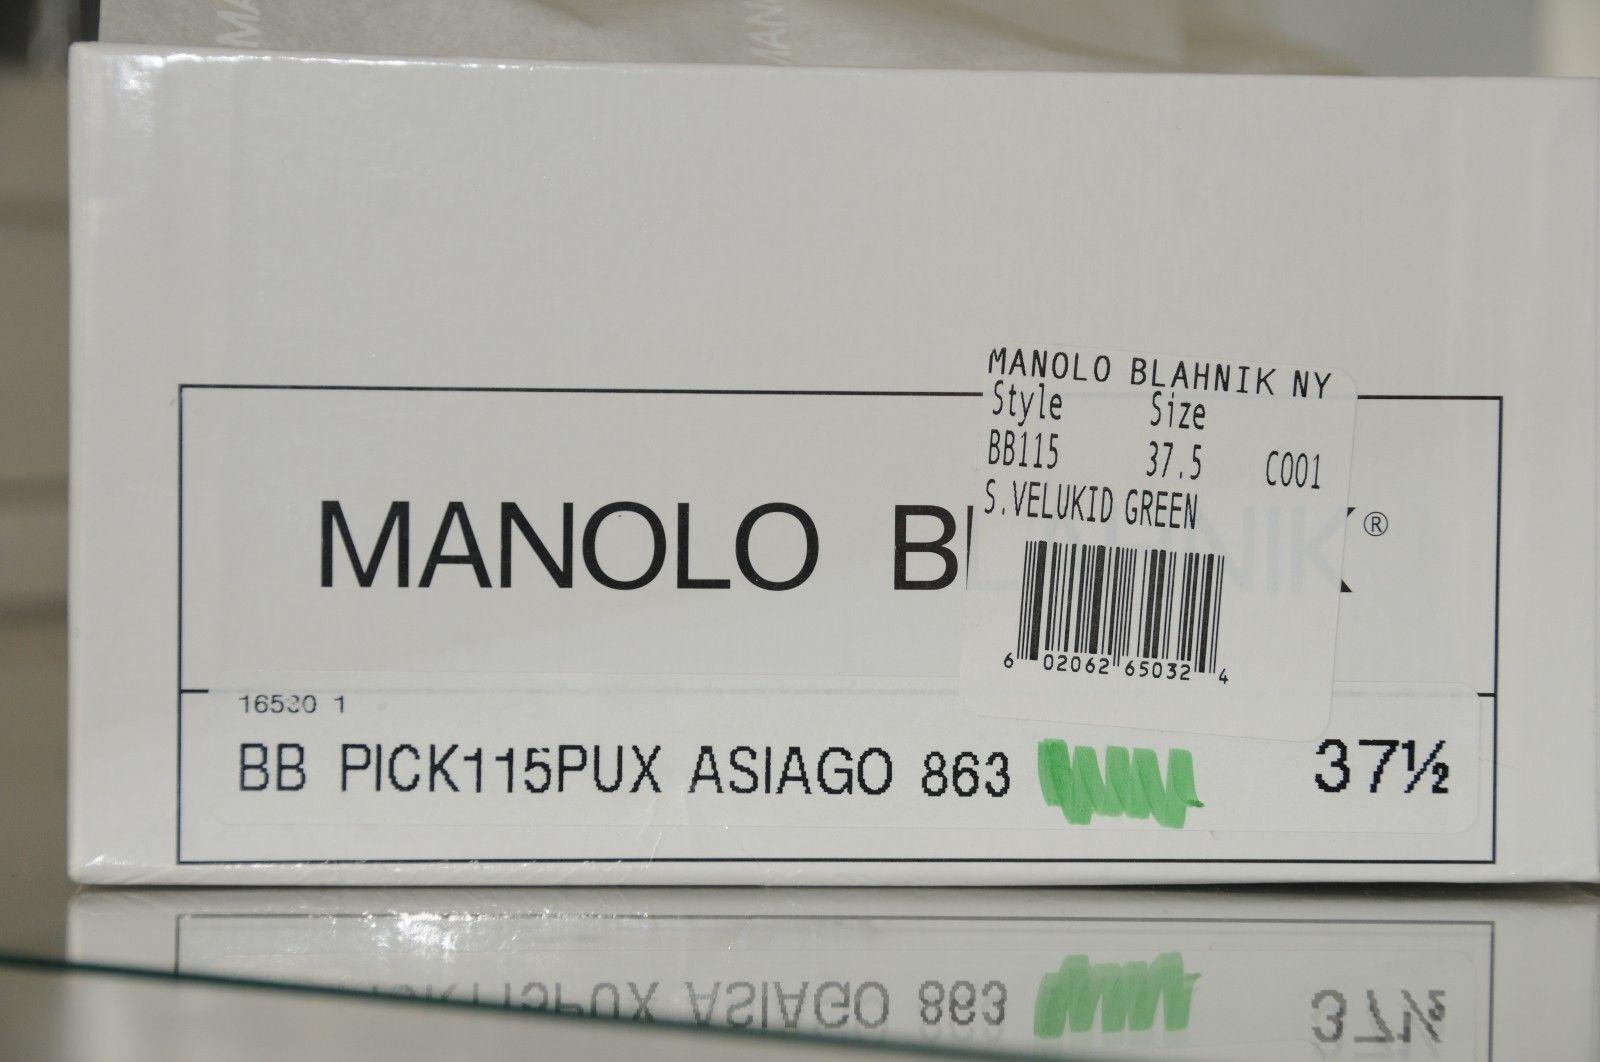 New Manolo Blahnik Blahnik Blahnik BB 115 Green Suede shoes Heels Pump 37.5 41.5 RARE  HEIGHT 6f73aa